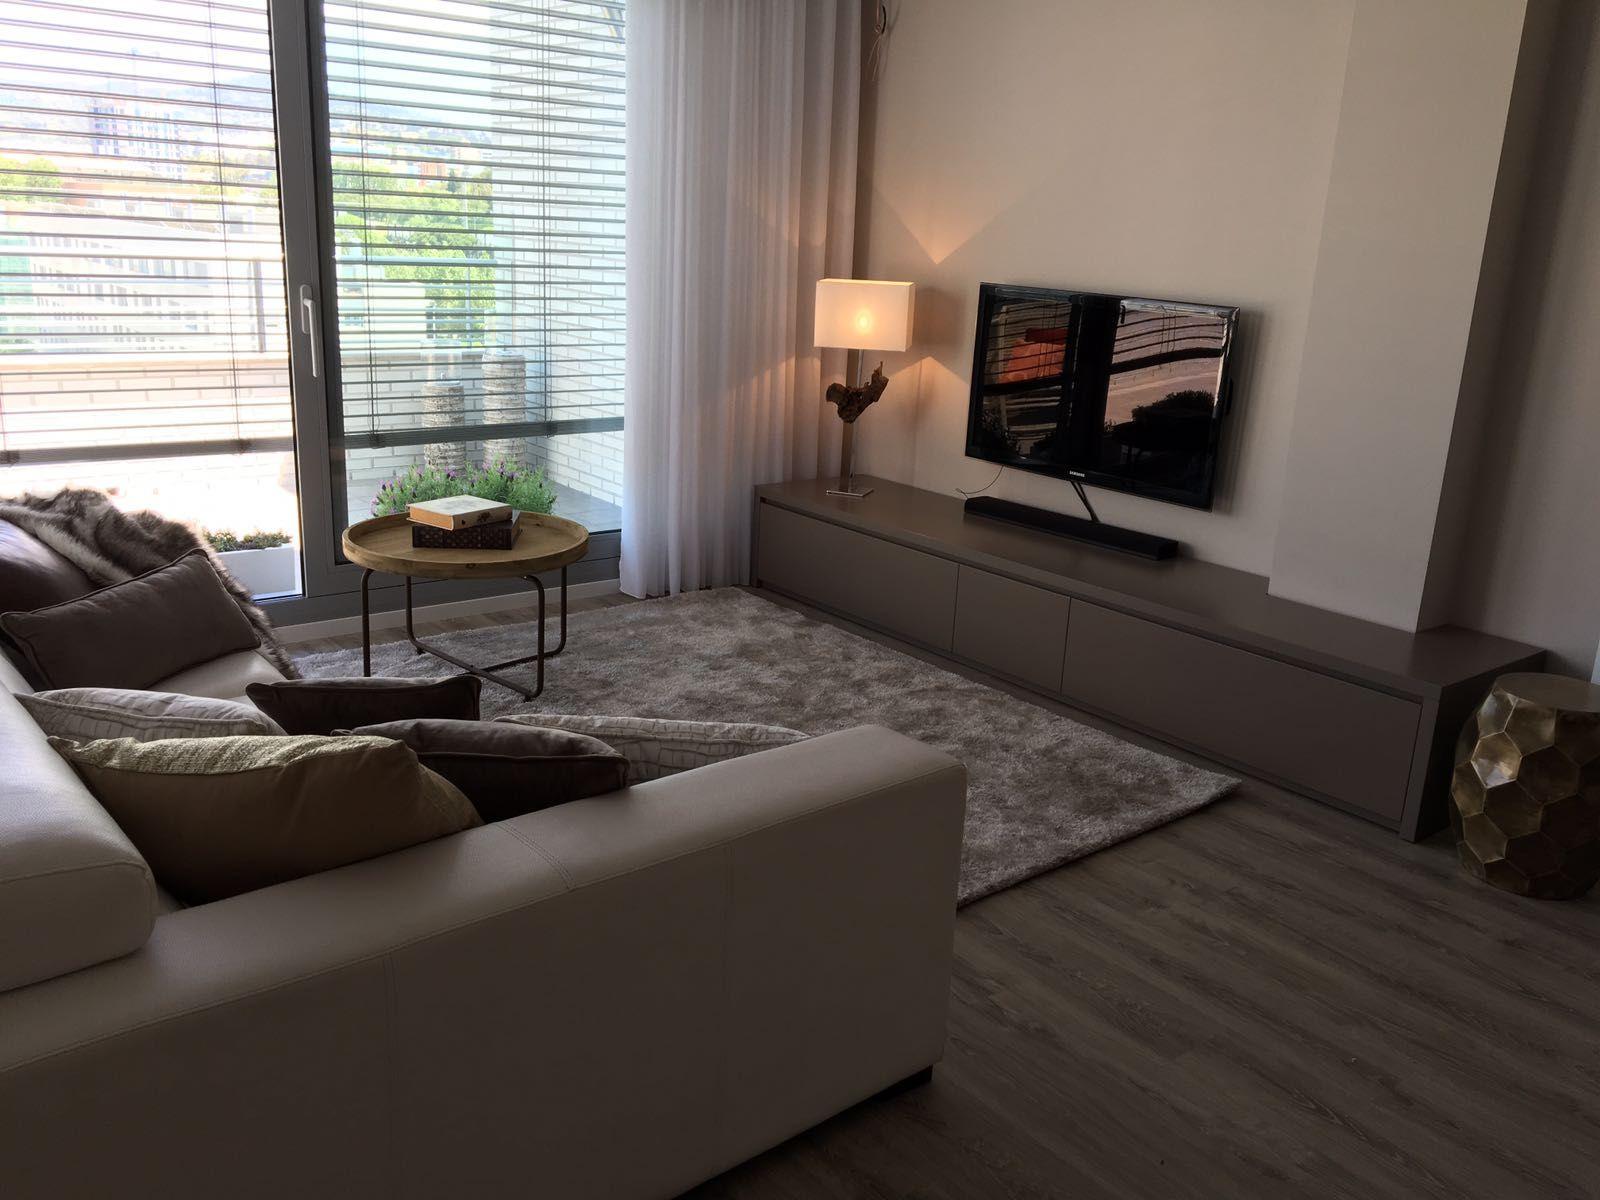 Foto 44 de Tienda de muebles en L'Hospitalet de Llobregat | Chousa